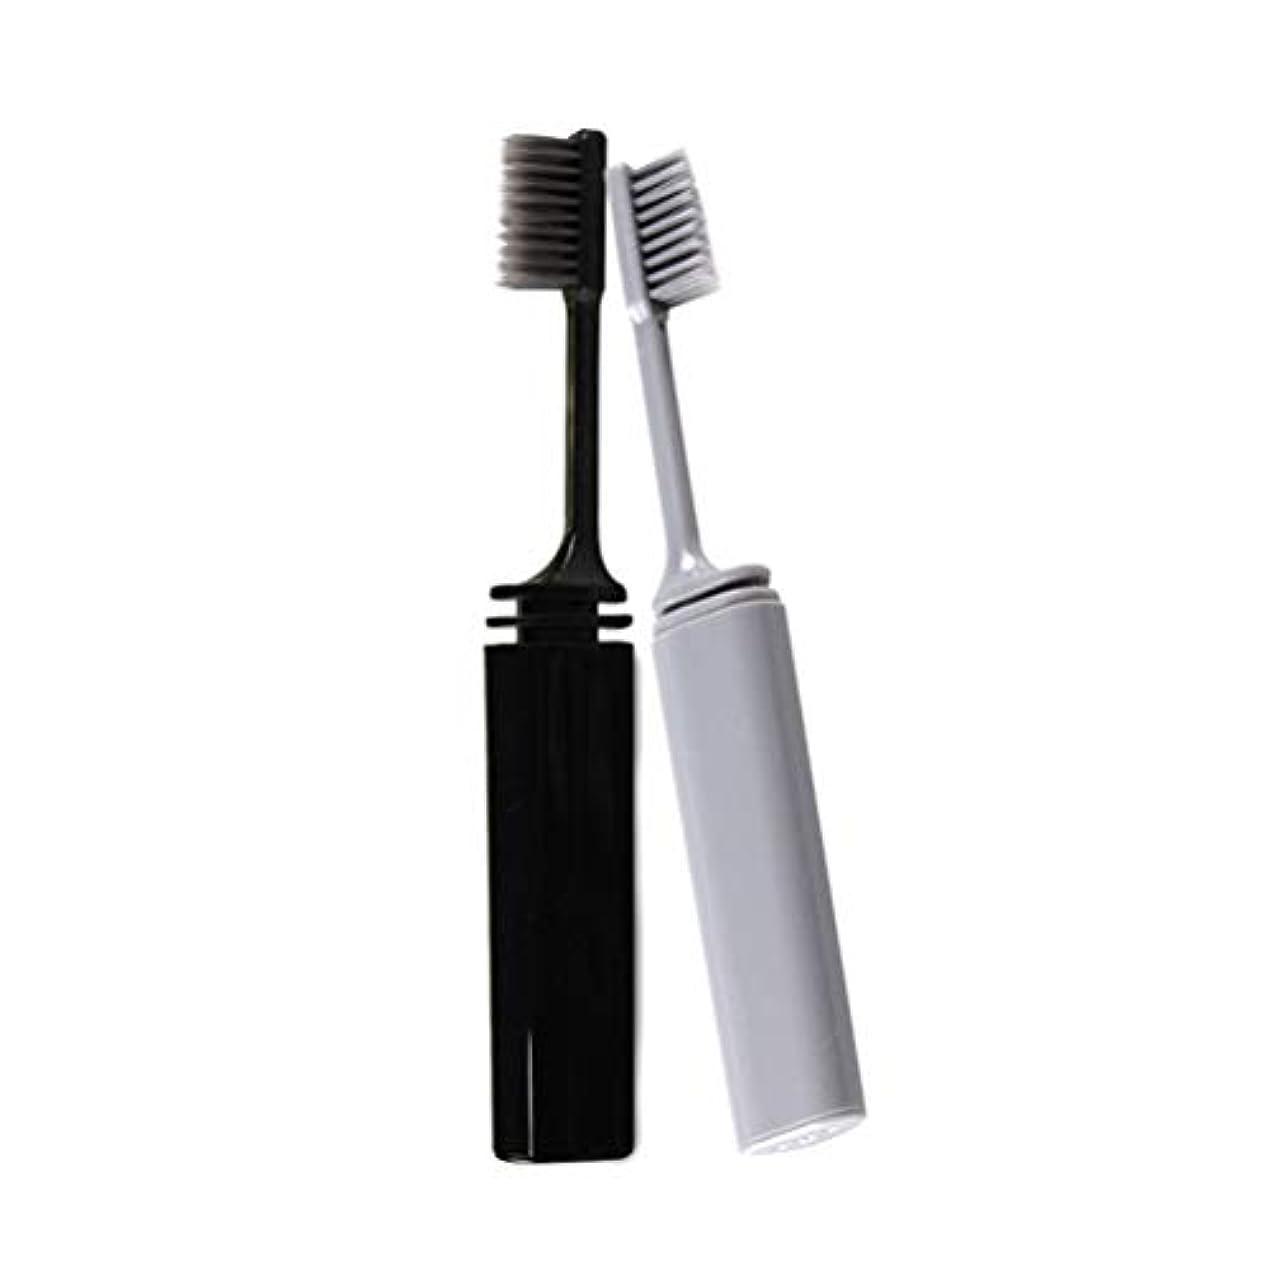 リブ作ります支払うSUPVOX 2本旅行歯ブラシポータブル折りたたみ竹炭柔らかい剛毛歯ブラシ(グレーブラック)